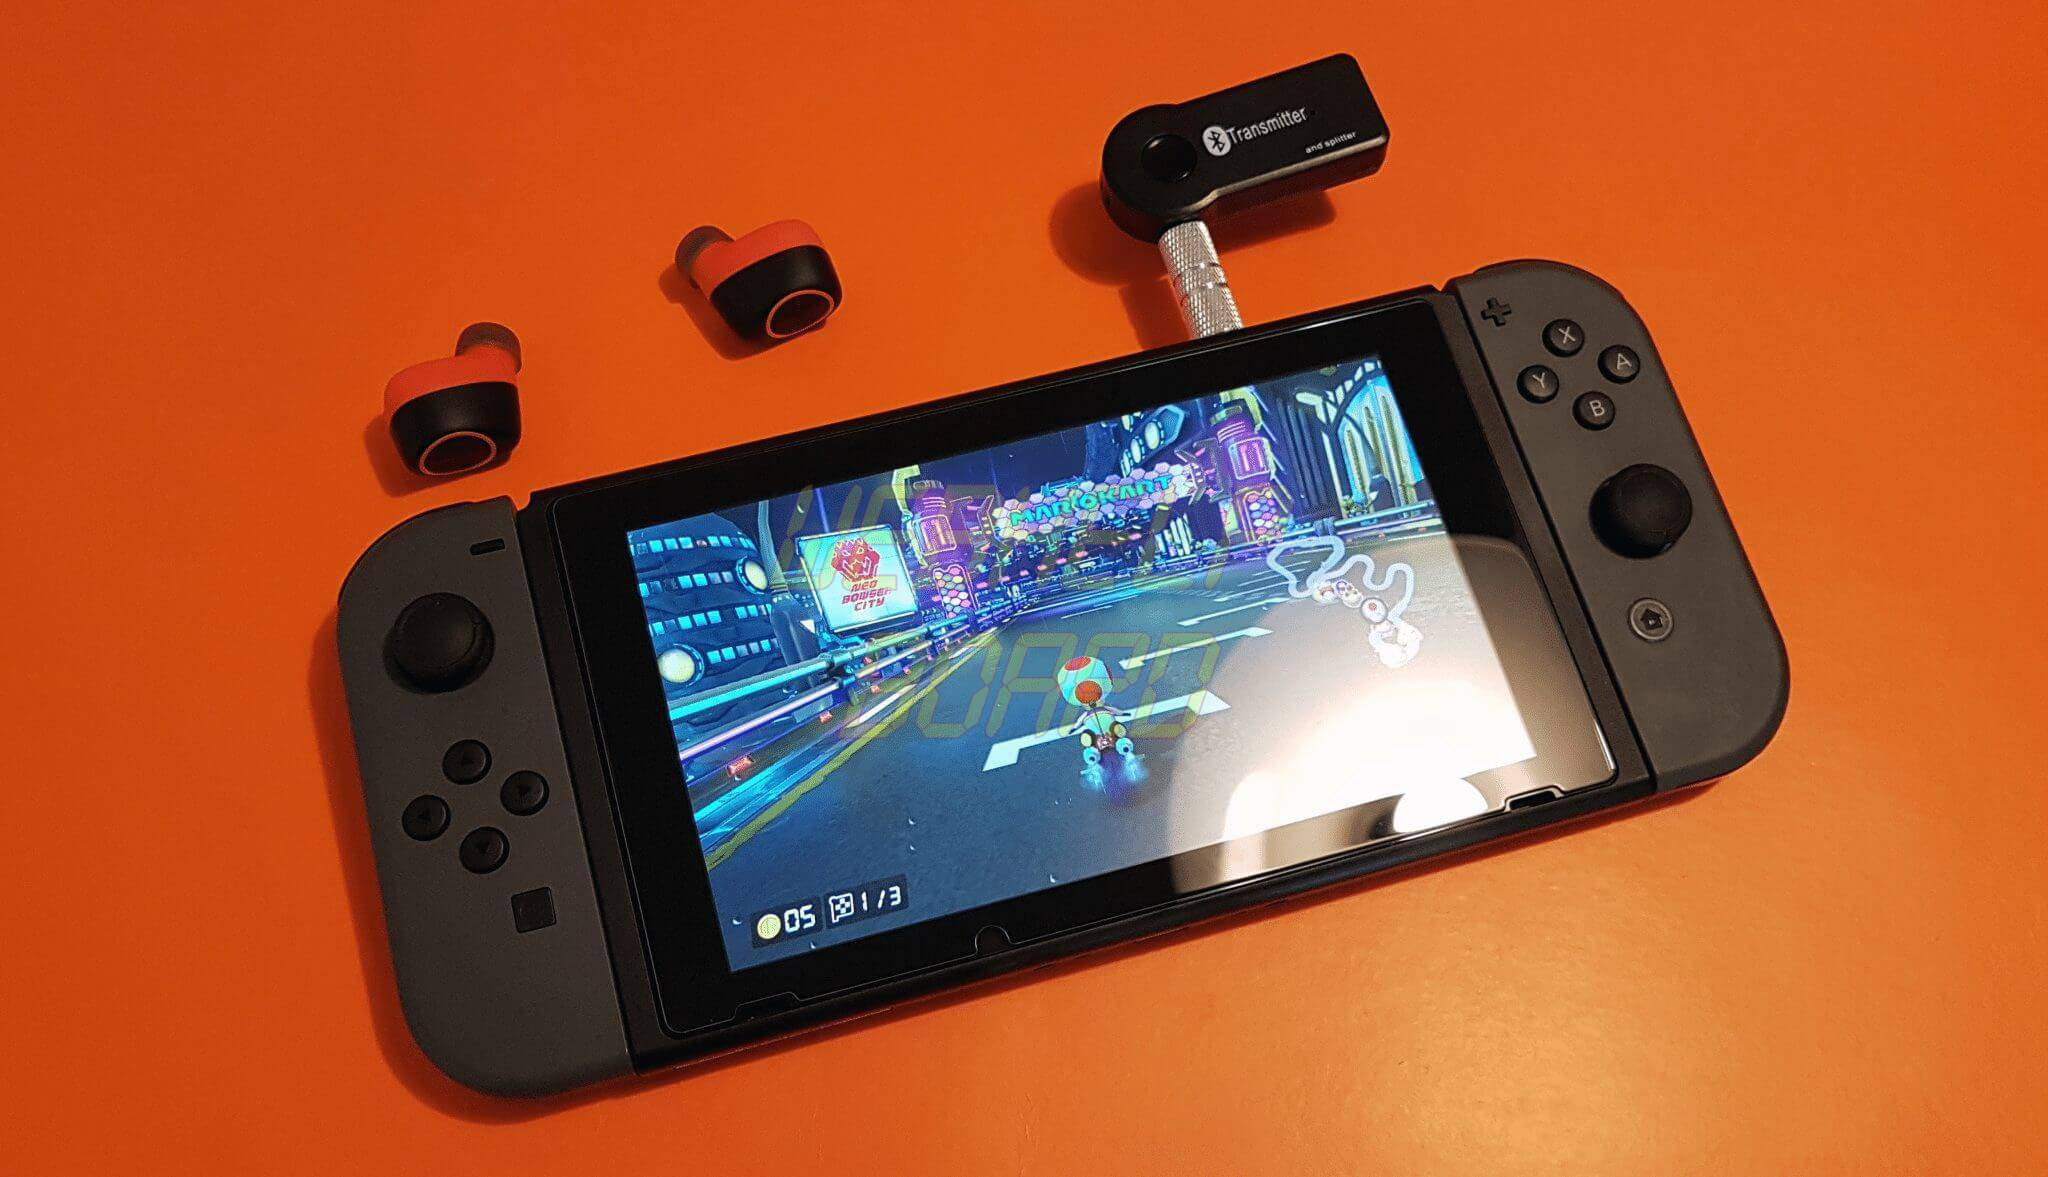 Nintendo Switch Bluetooth - Tutorial: Como usar fones de ouvido Bluetooth no Nintendo Switch